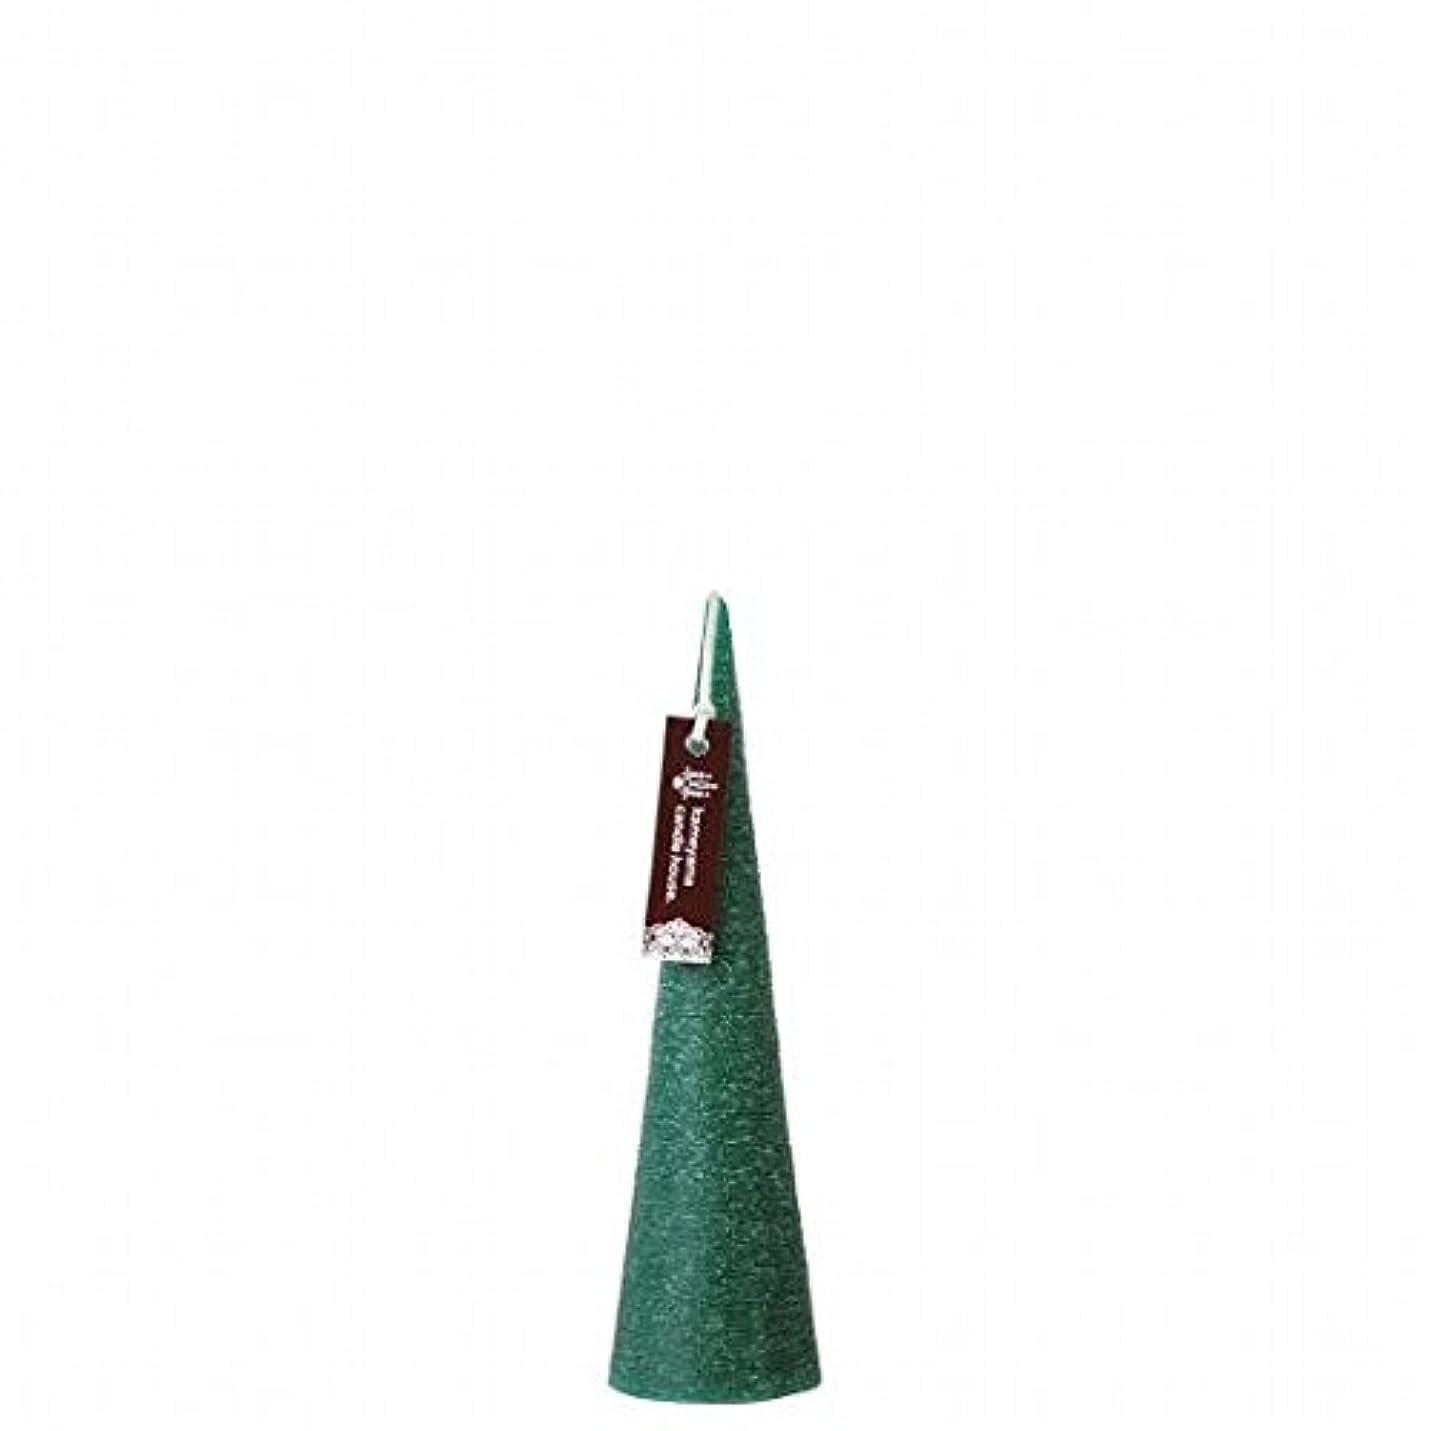 削除するマッサージ藤色kameyama candle(カメヤマキャンドル) ブラッシュコーンSS 「 グリーン 」(A9550000G)